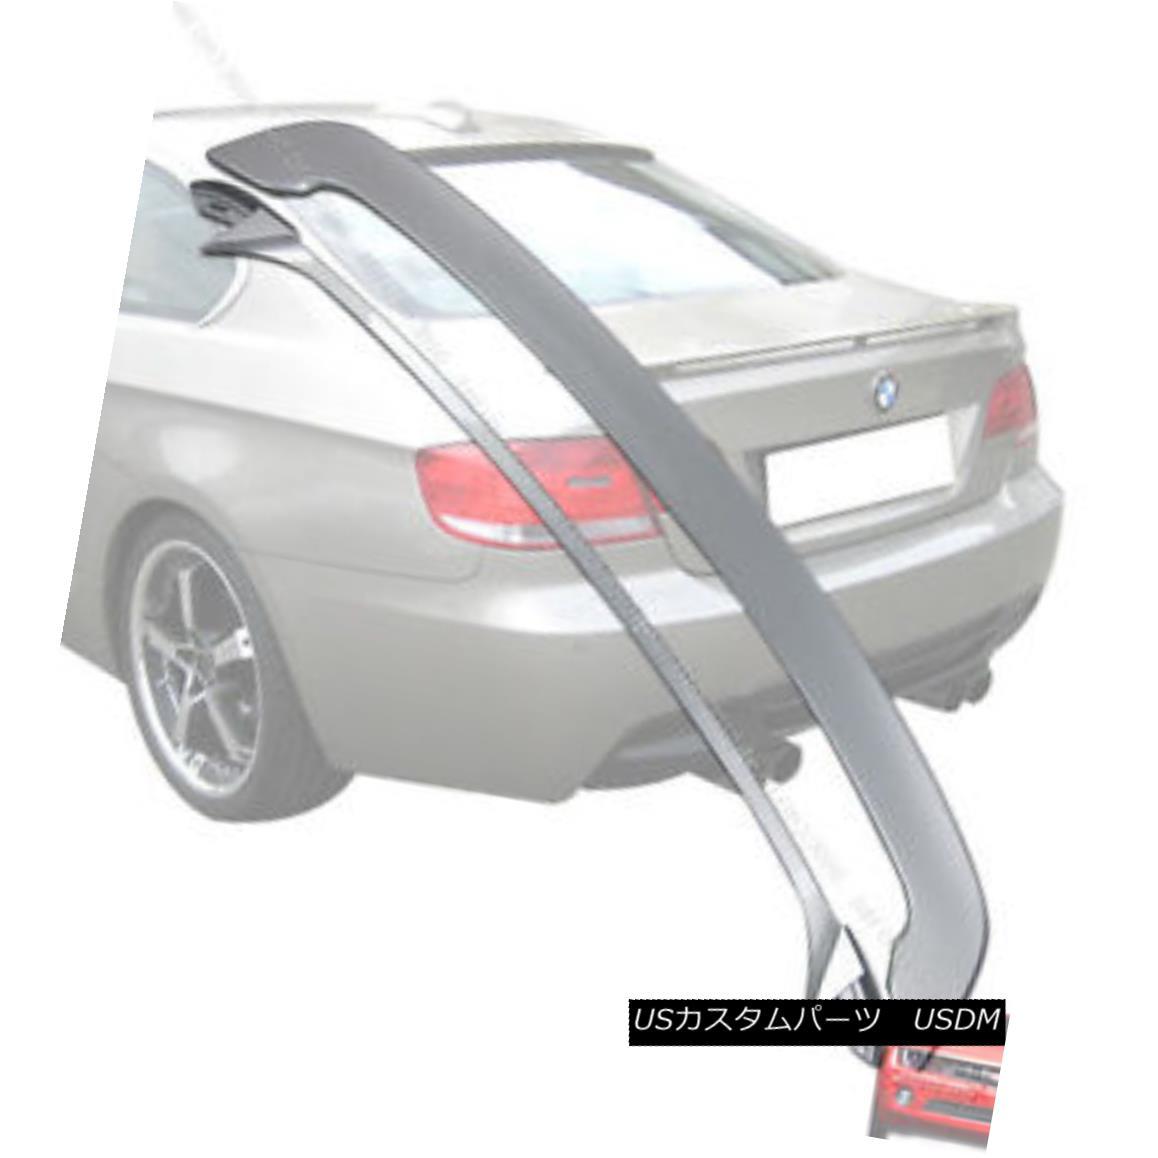 エアロパーツ Painted E92 OE type 3-Series BMW 07-13 Trunk Spoiler Rear Wing 668 § ペイントされたE92 OEタイプ3シリーズBMW 07-13トランクスポイラーリアウイング668